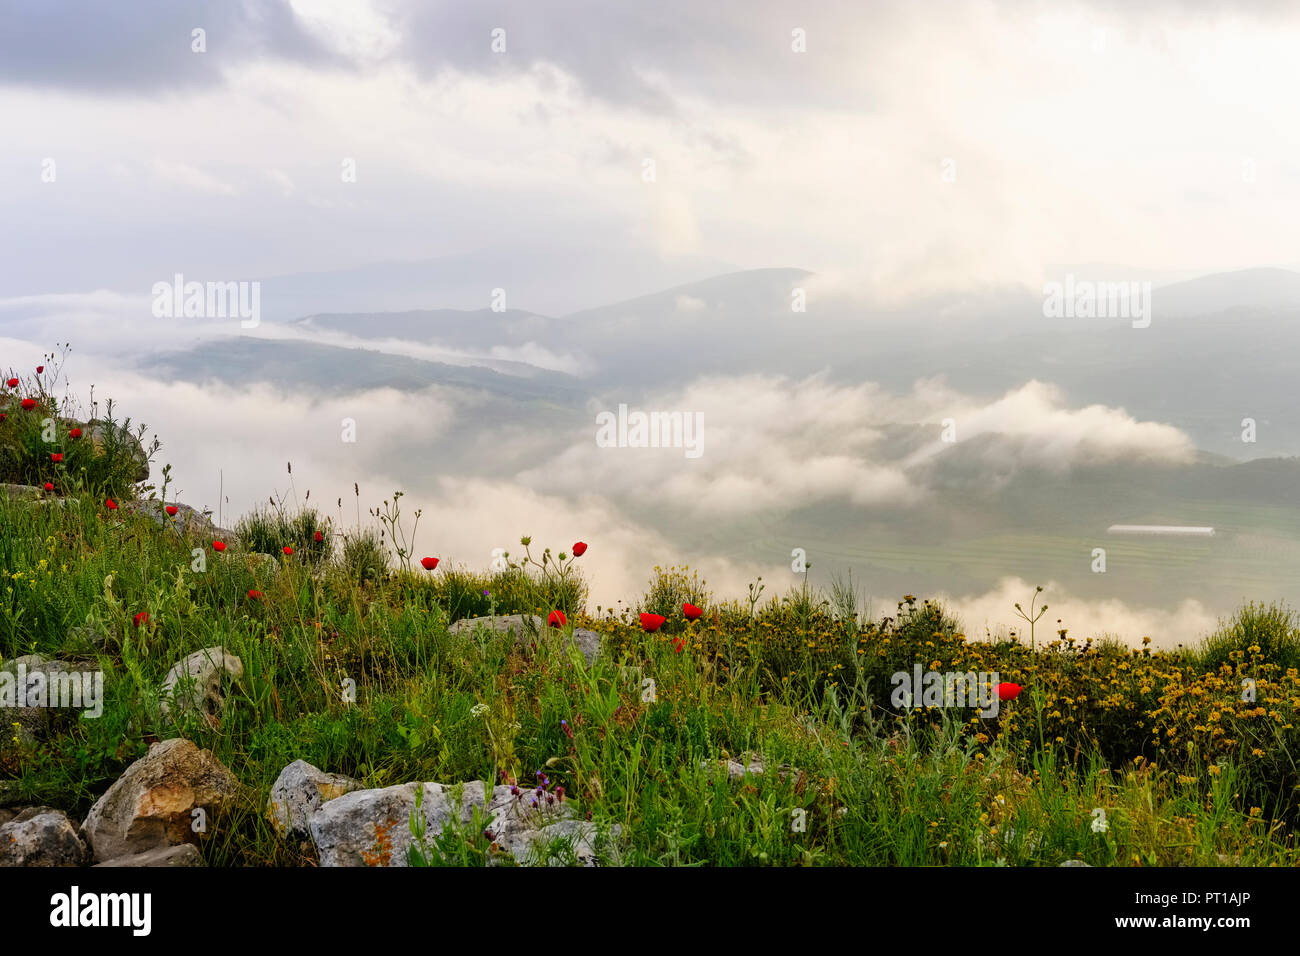 L'Albanie, Fier County, vue de Byllis, paysage et le brouillard du matin Photo Stock